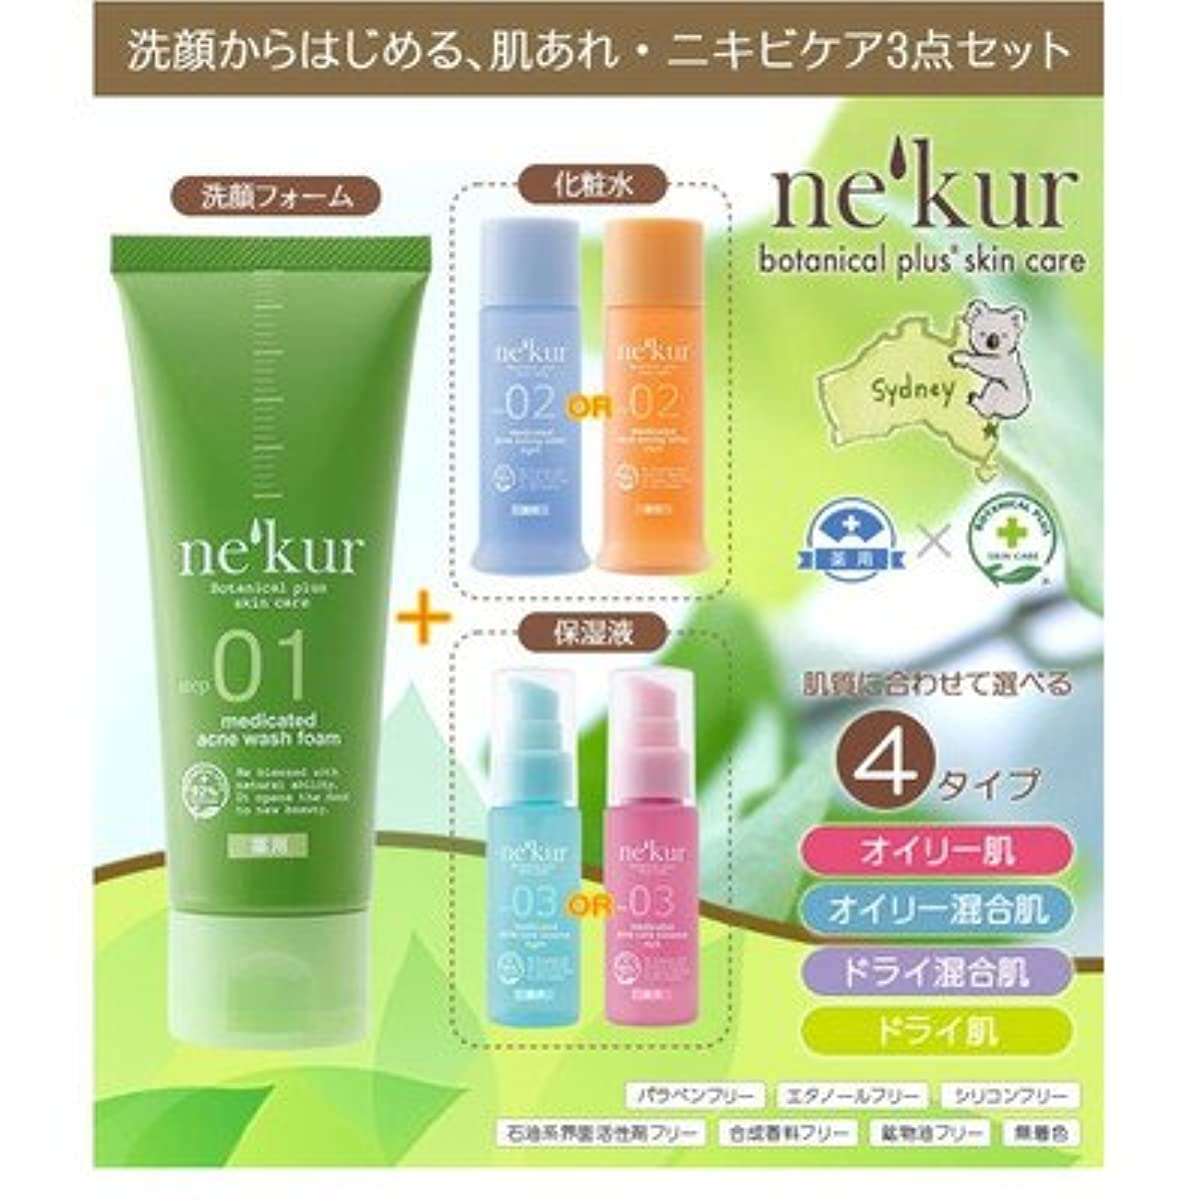 荒野クラシックに賛成ネクア(nekur) ボタニカルプラススキンケア 薬用アクネ洗顔3点セット オイリー肌セット( 画像はイメージ画像です お届けの商品はオイリー肌セットのみとなります)